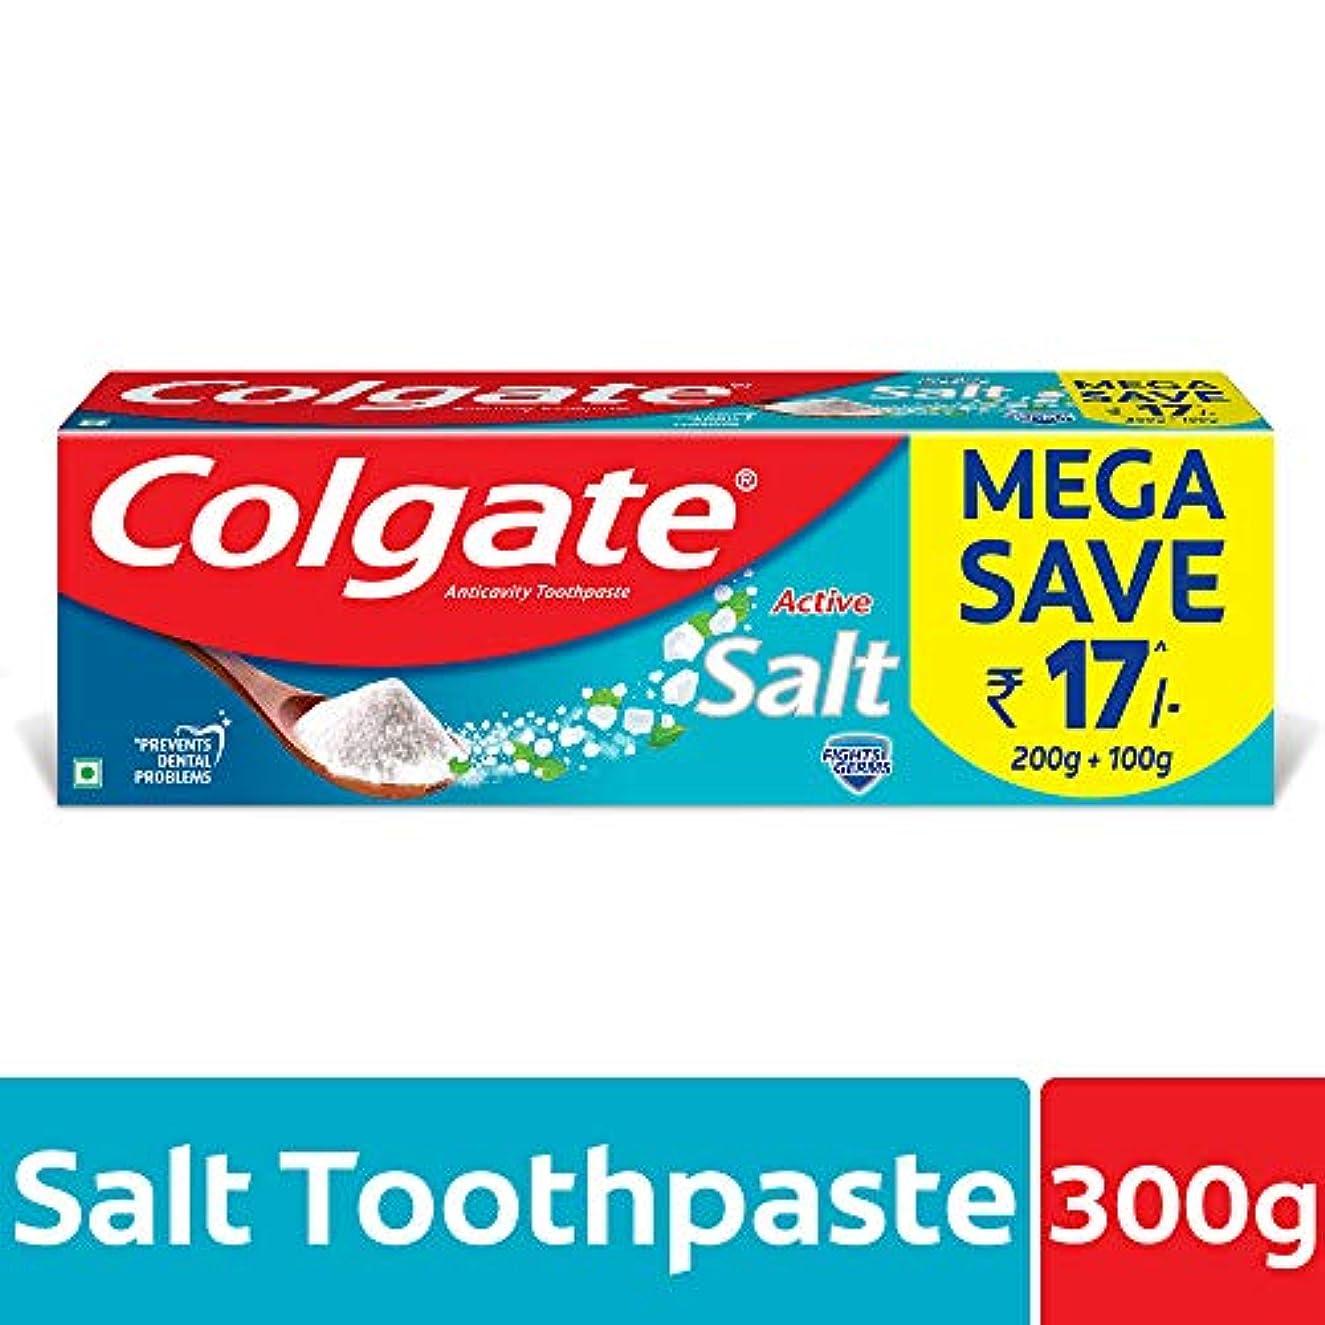 少し吸う有用Colgate Active Salt Toothpaste, 300gm(200gm + 100gm)